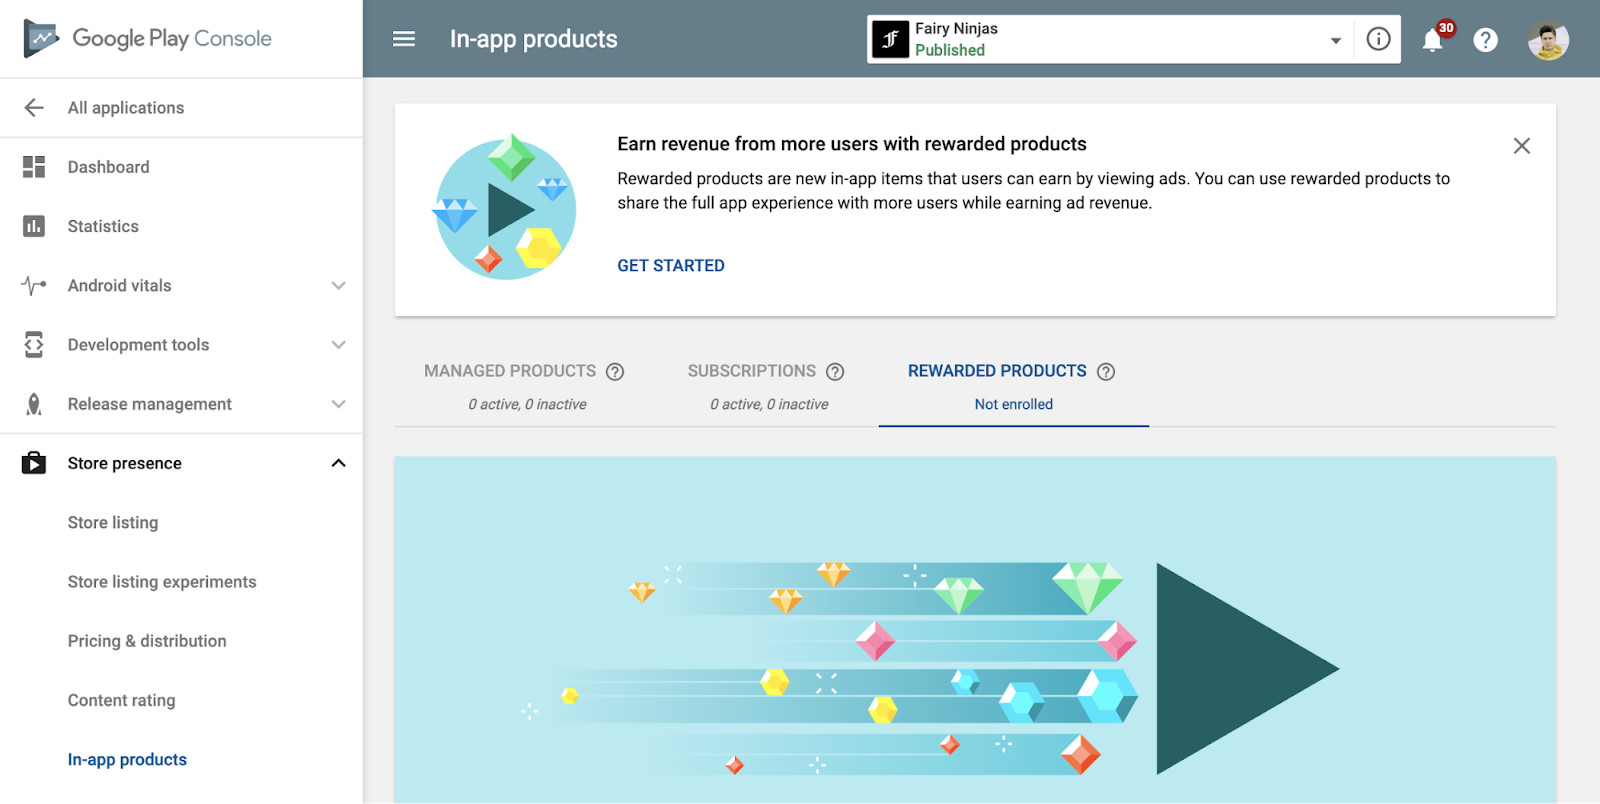 Google запустил «вознаграждения за просмотр рекламы» в приложениях